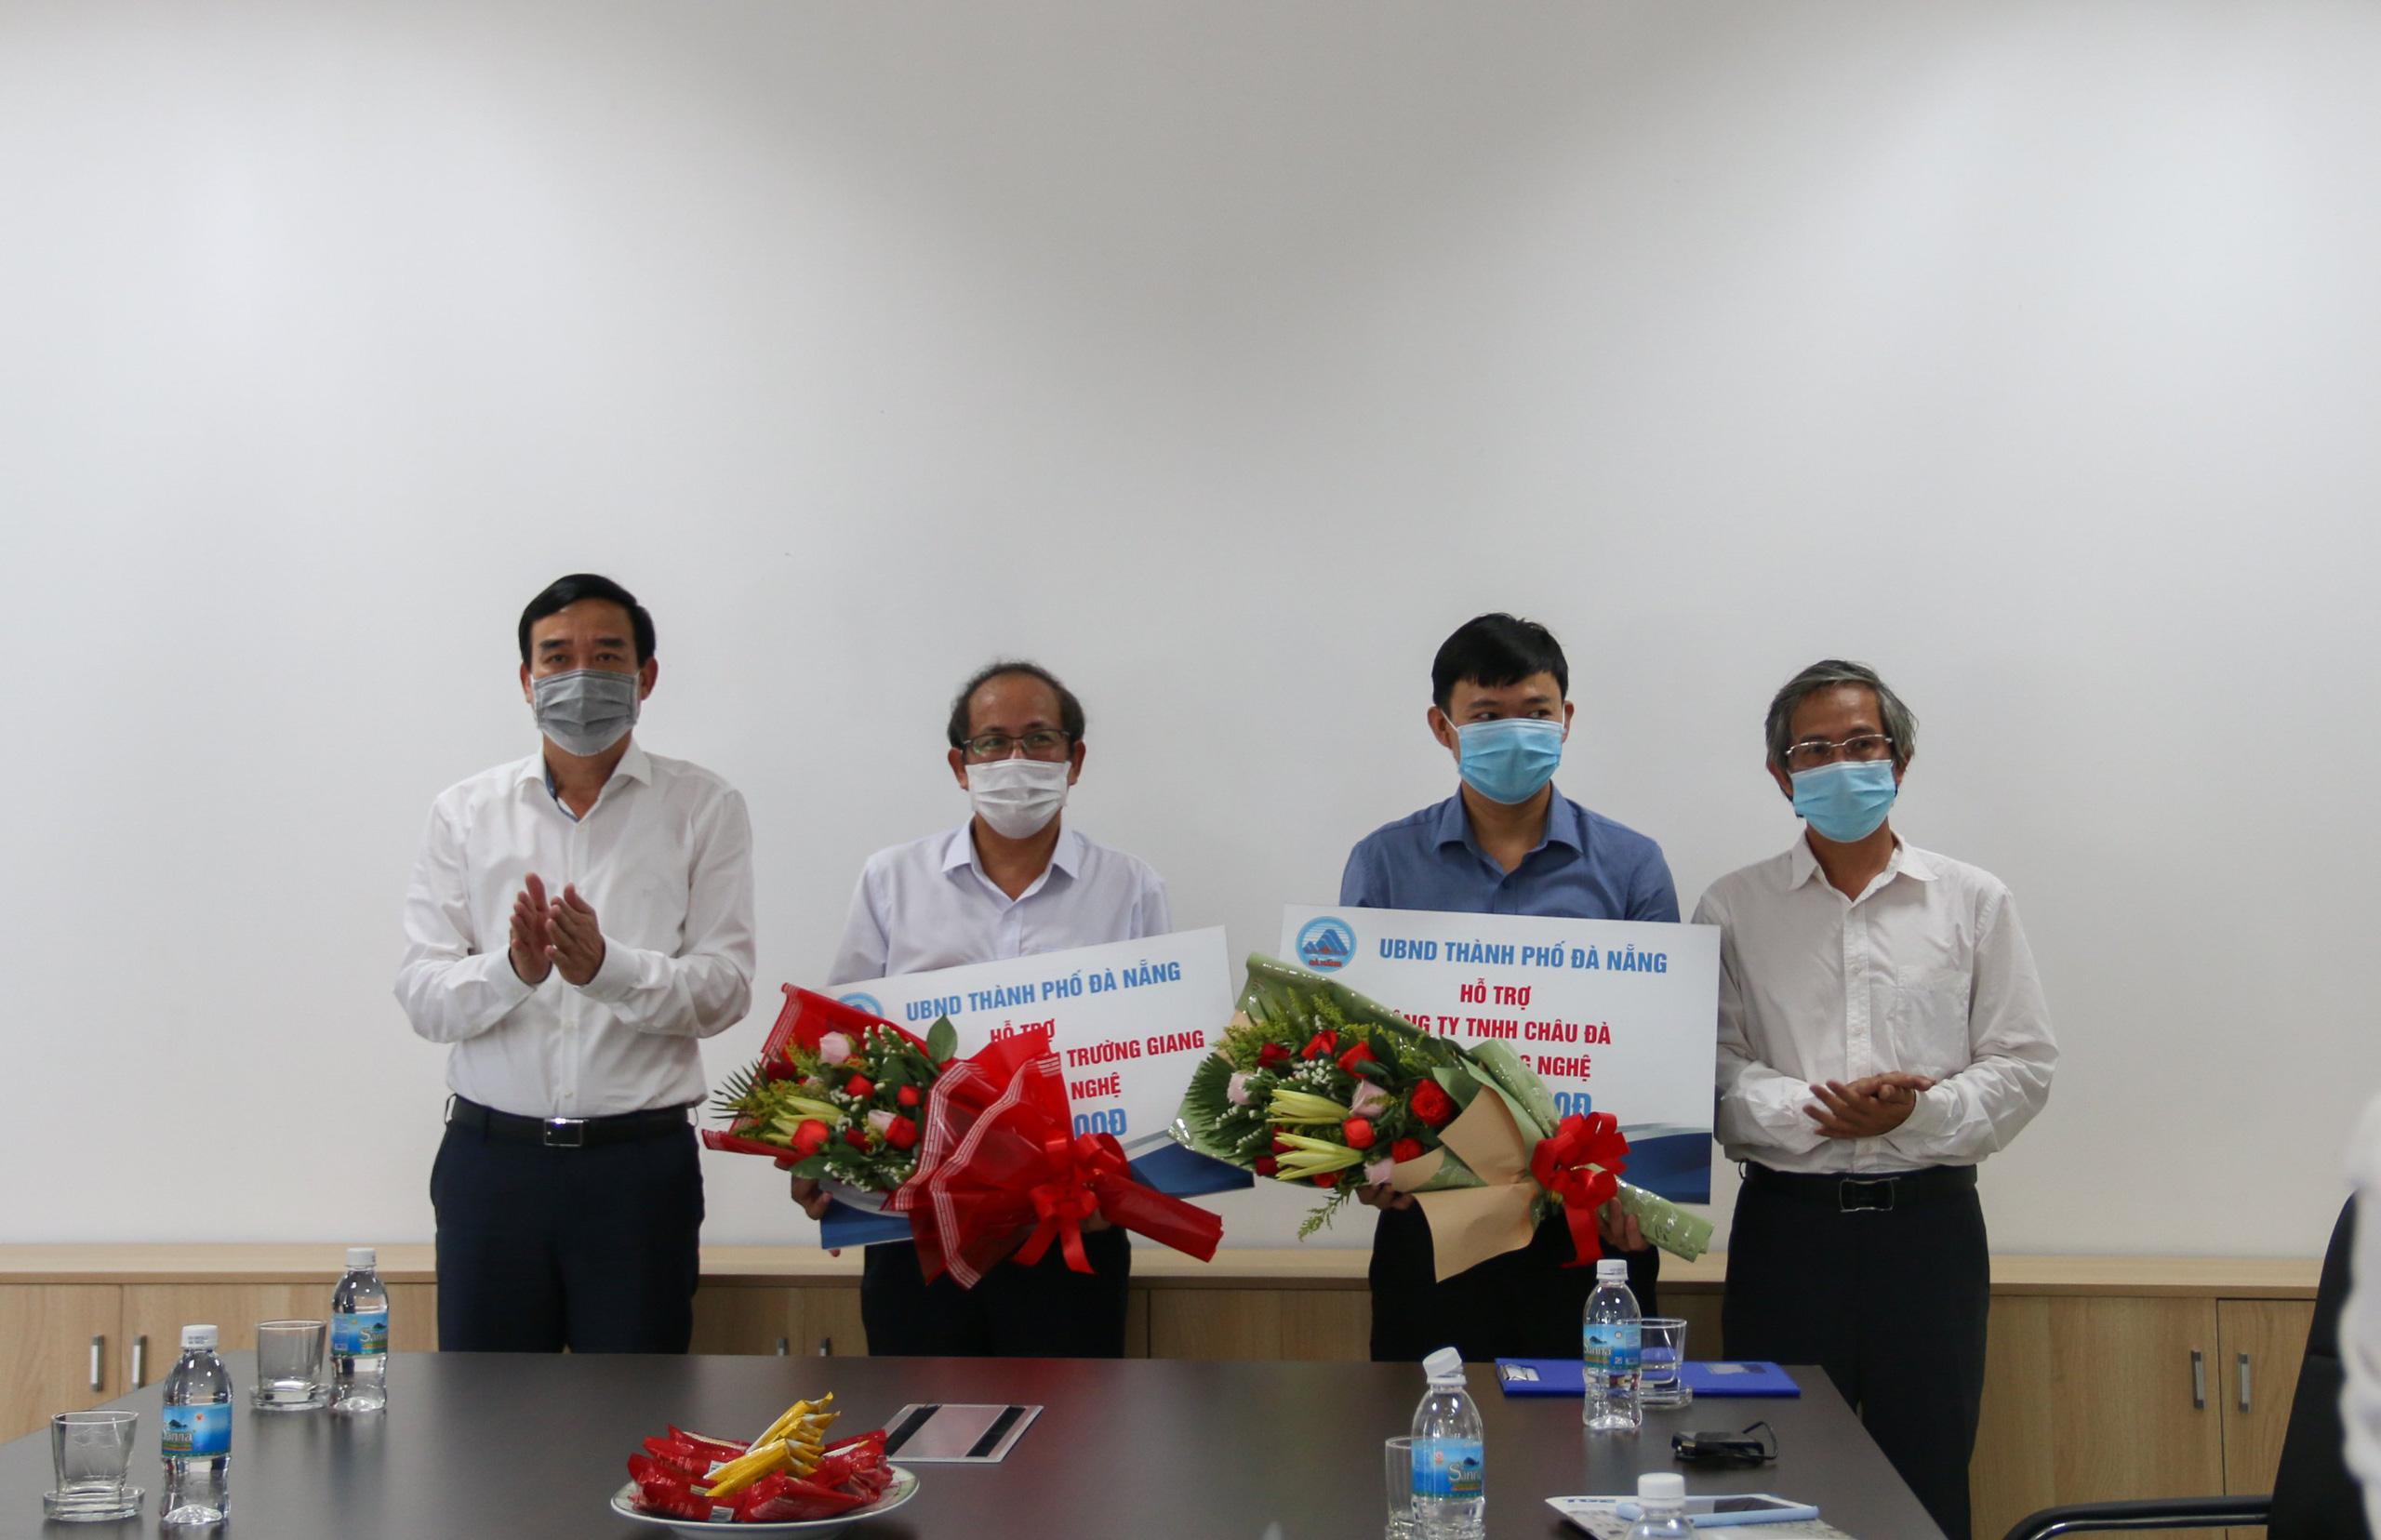 Doanh nghiệp Khoa học và Công nghệ Đà Nẵng không ngừng phát triển - Ảnh 6.